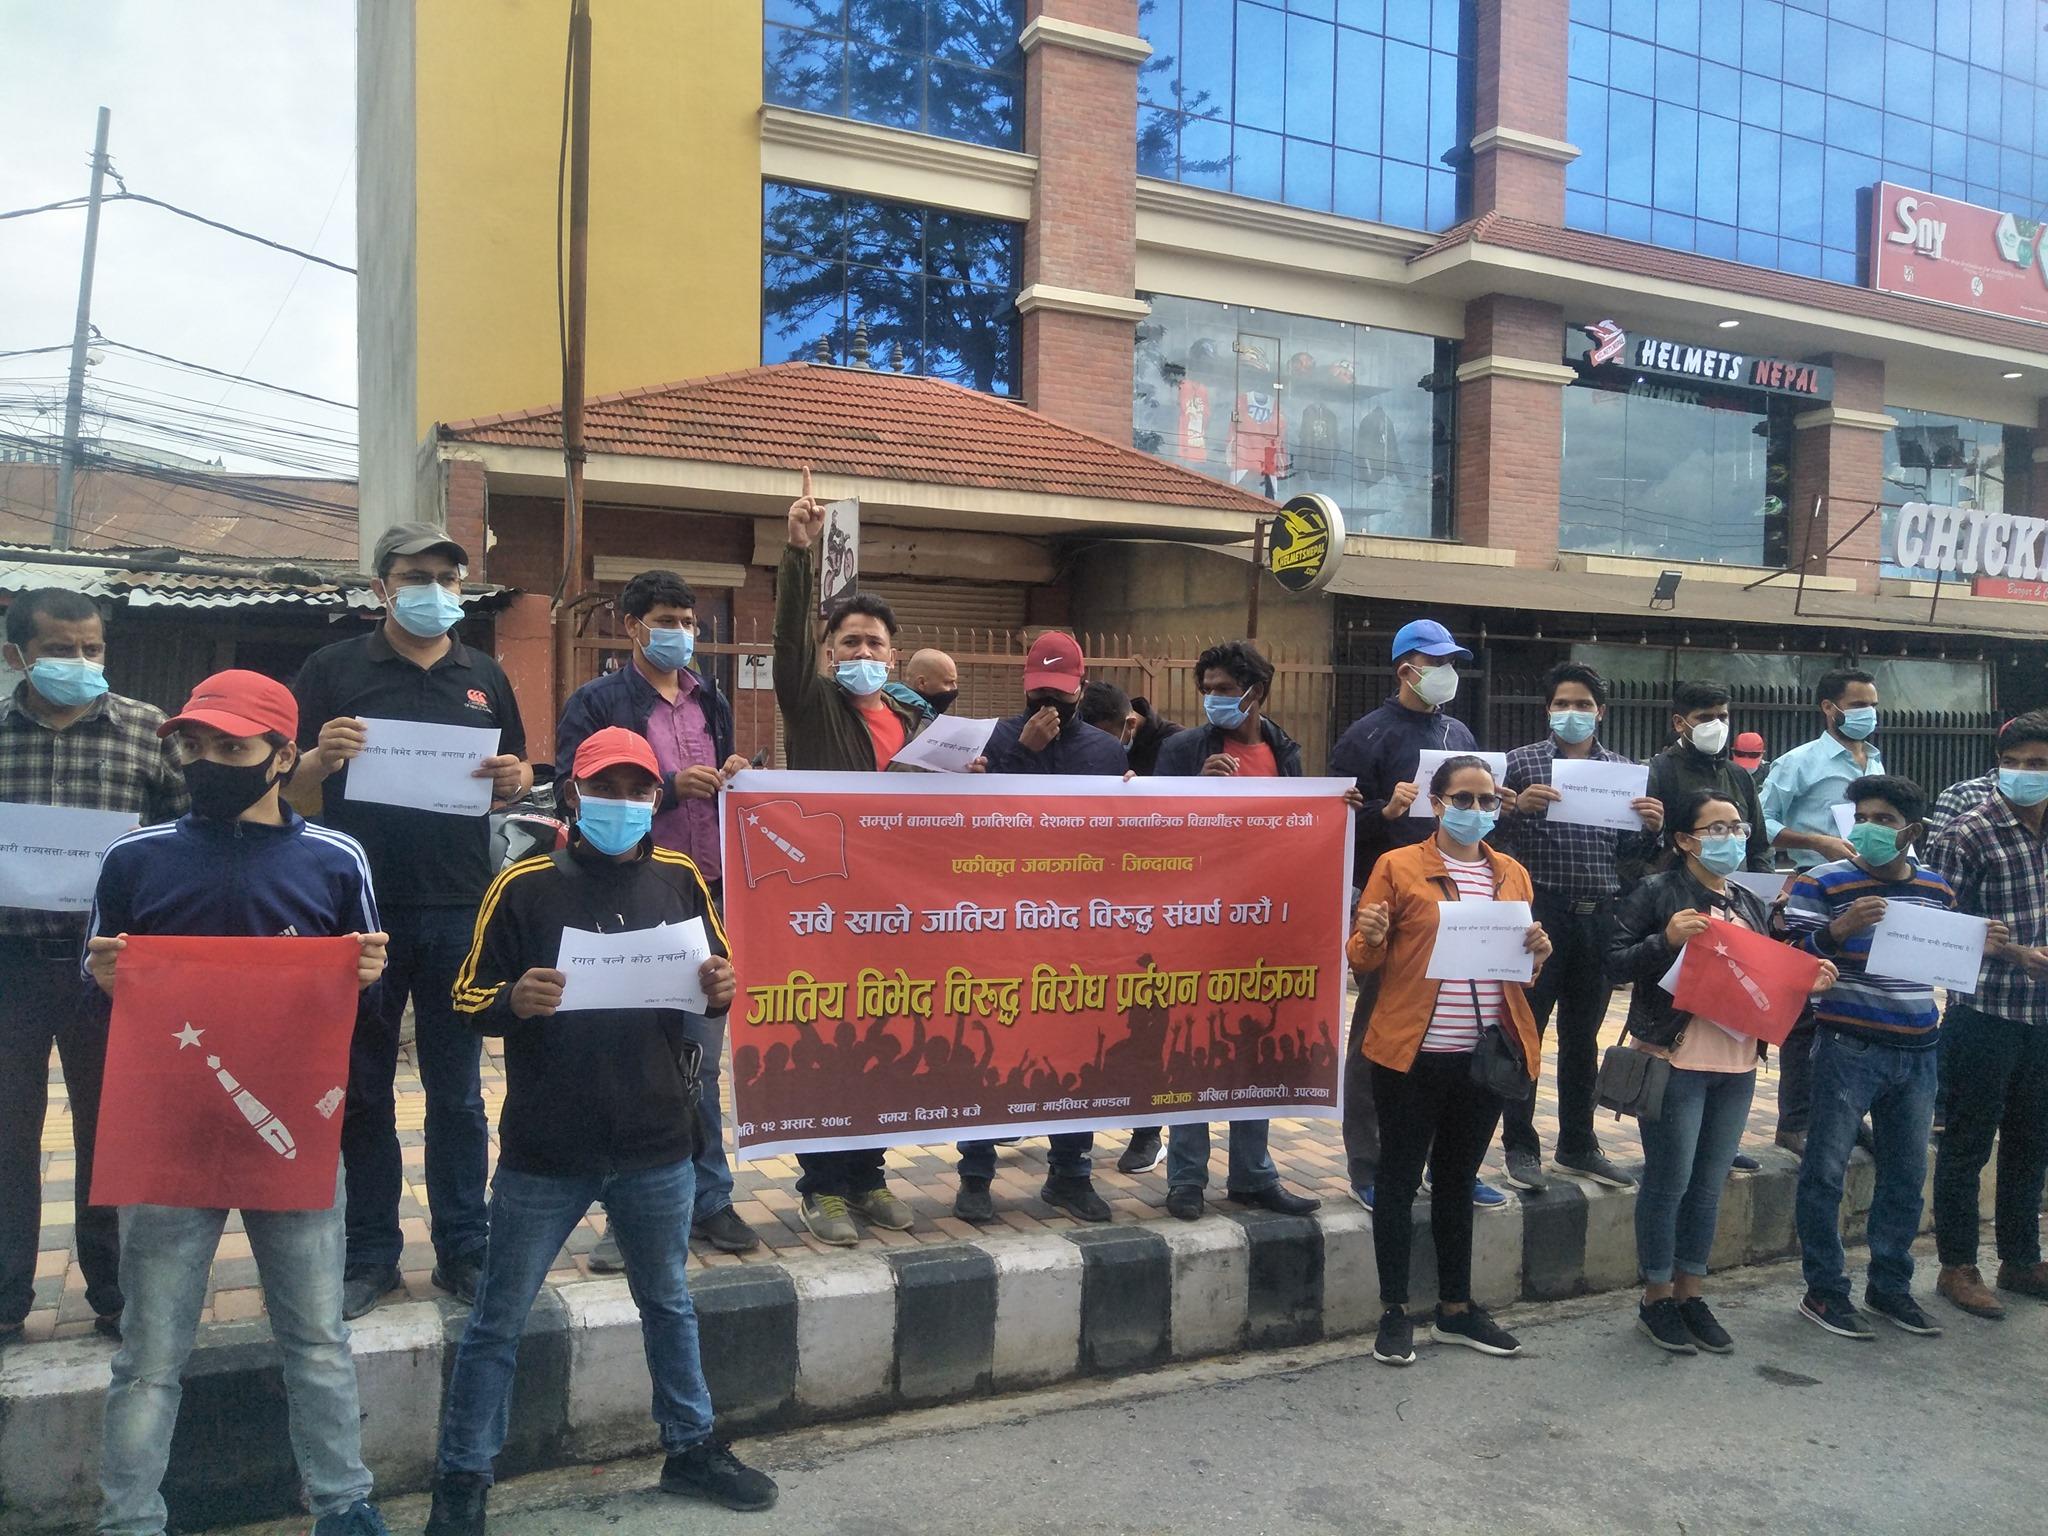 जातीय विभेदका विरुद्ध अखिल (क्रान्तिकारी) द्वारा काठमाडौँमा प्रदर्शन